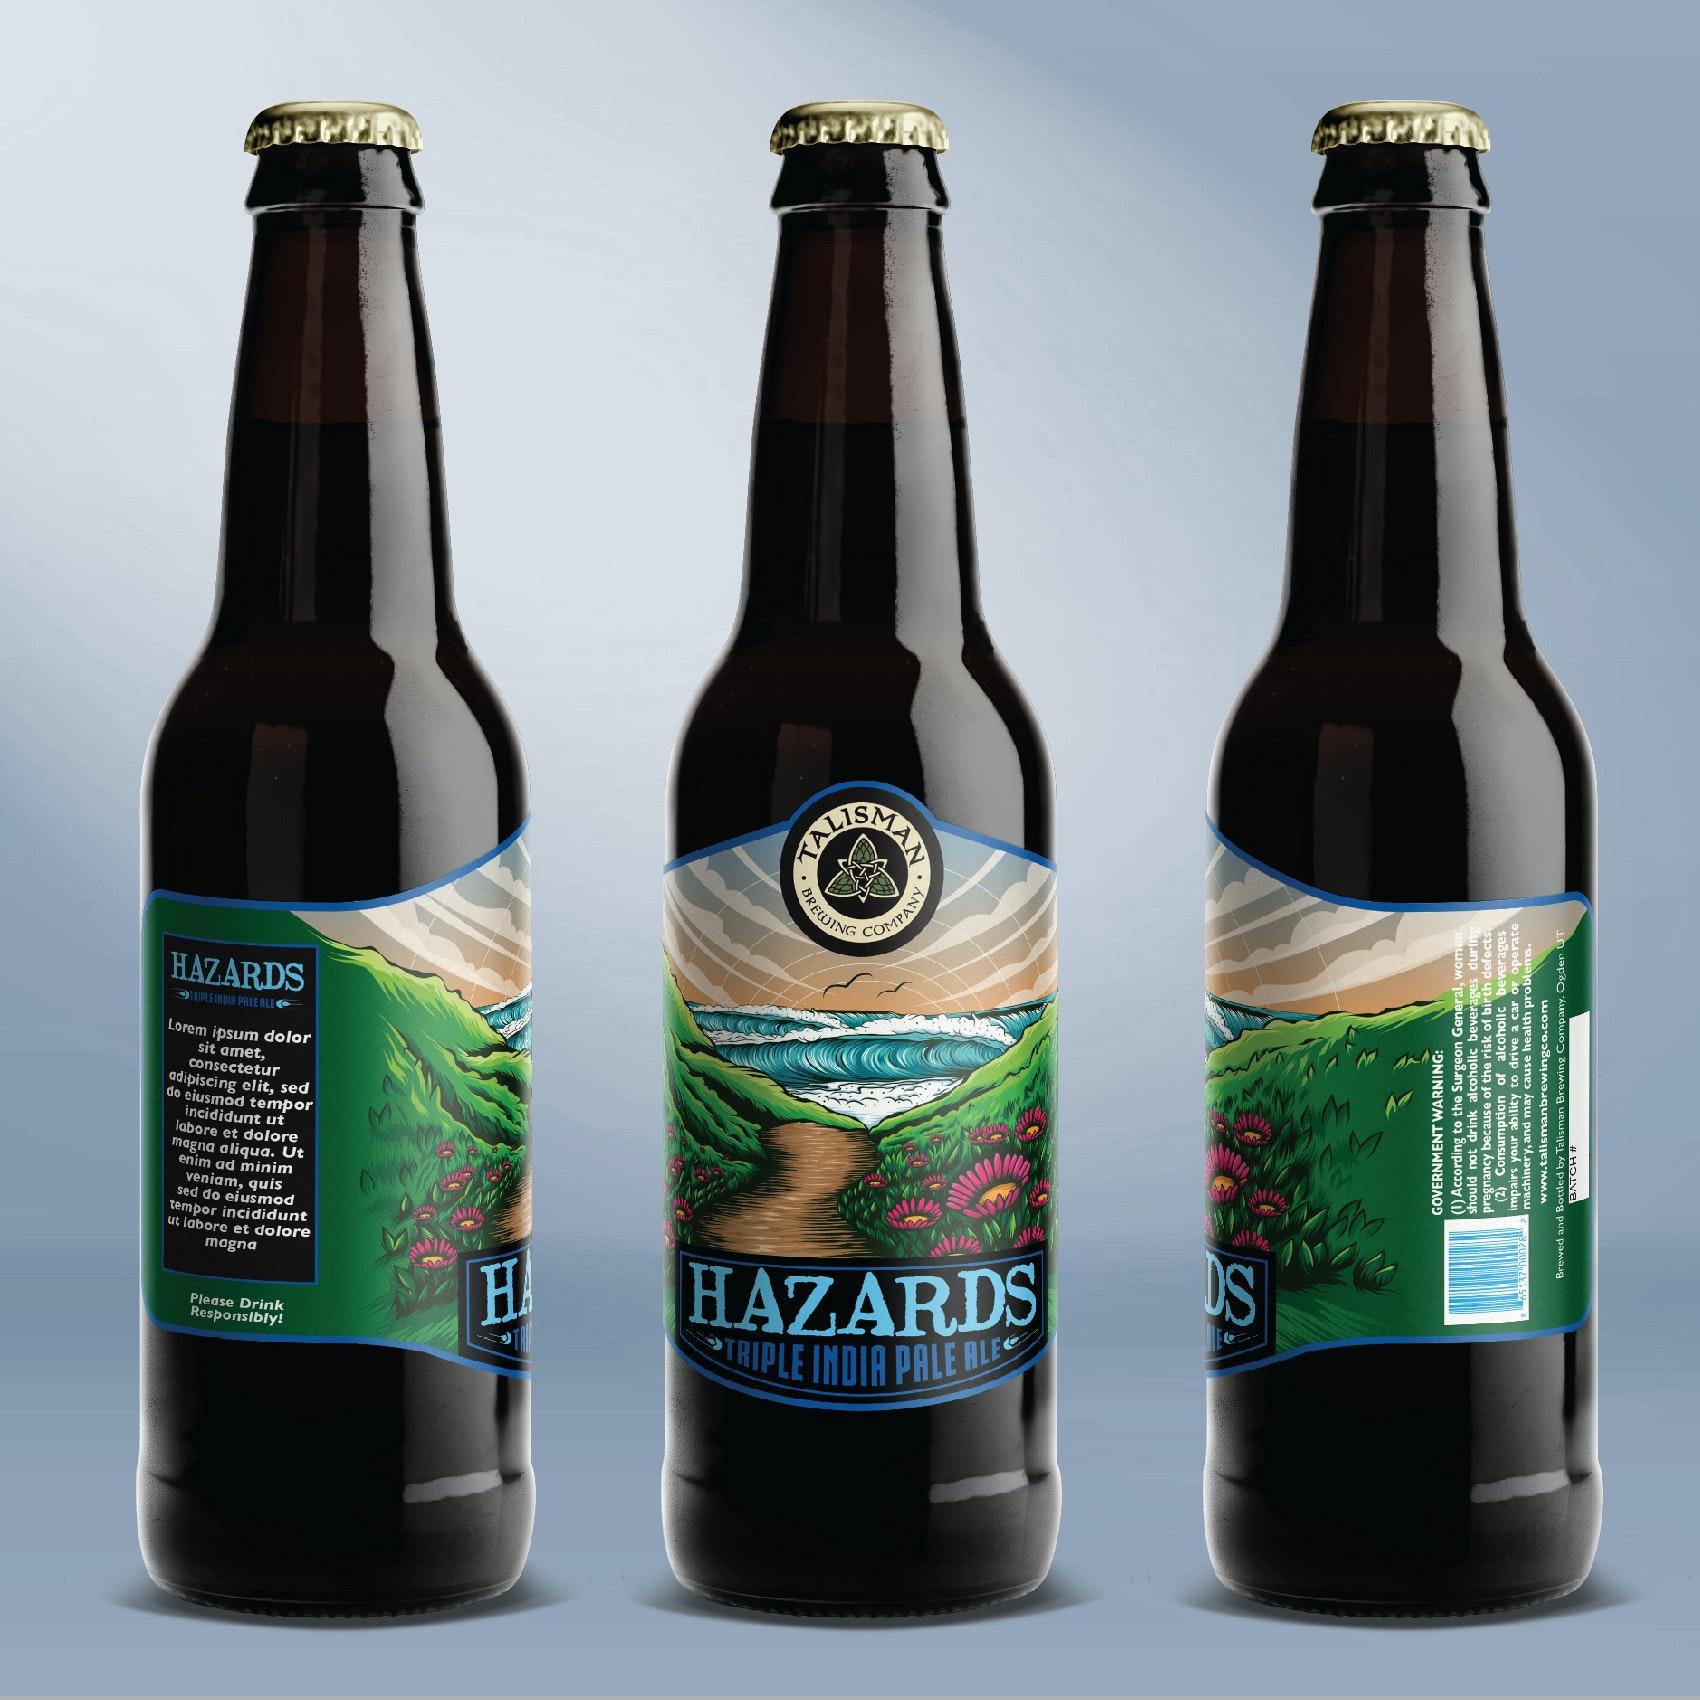 Hazards beer label